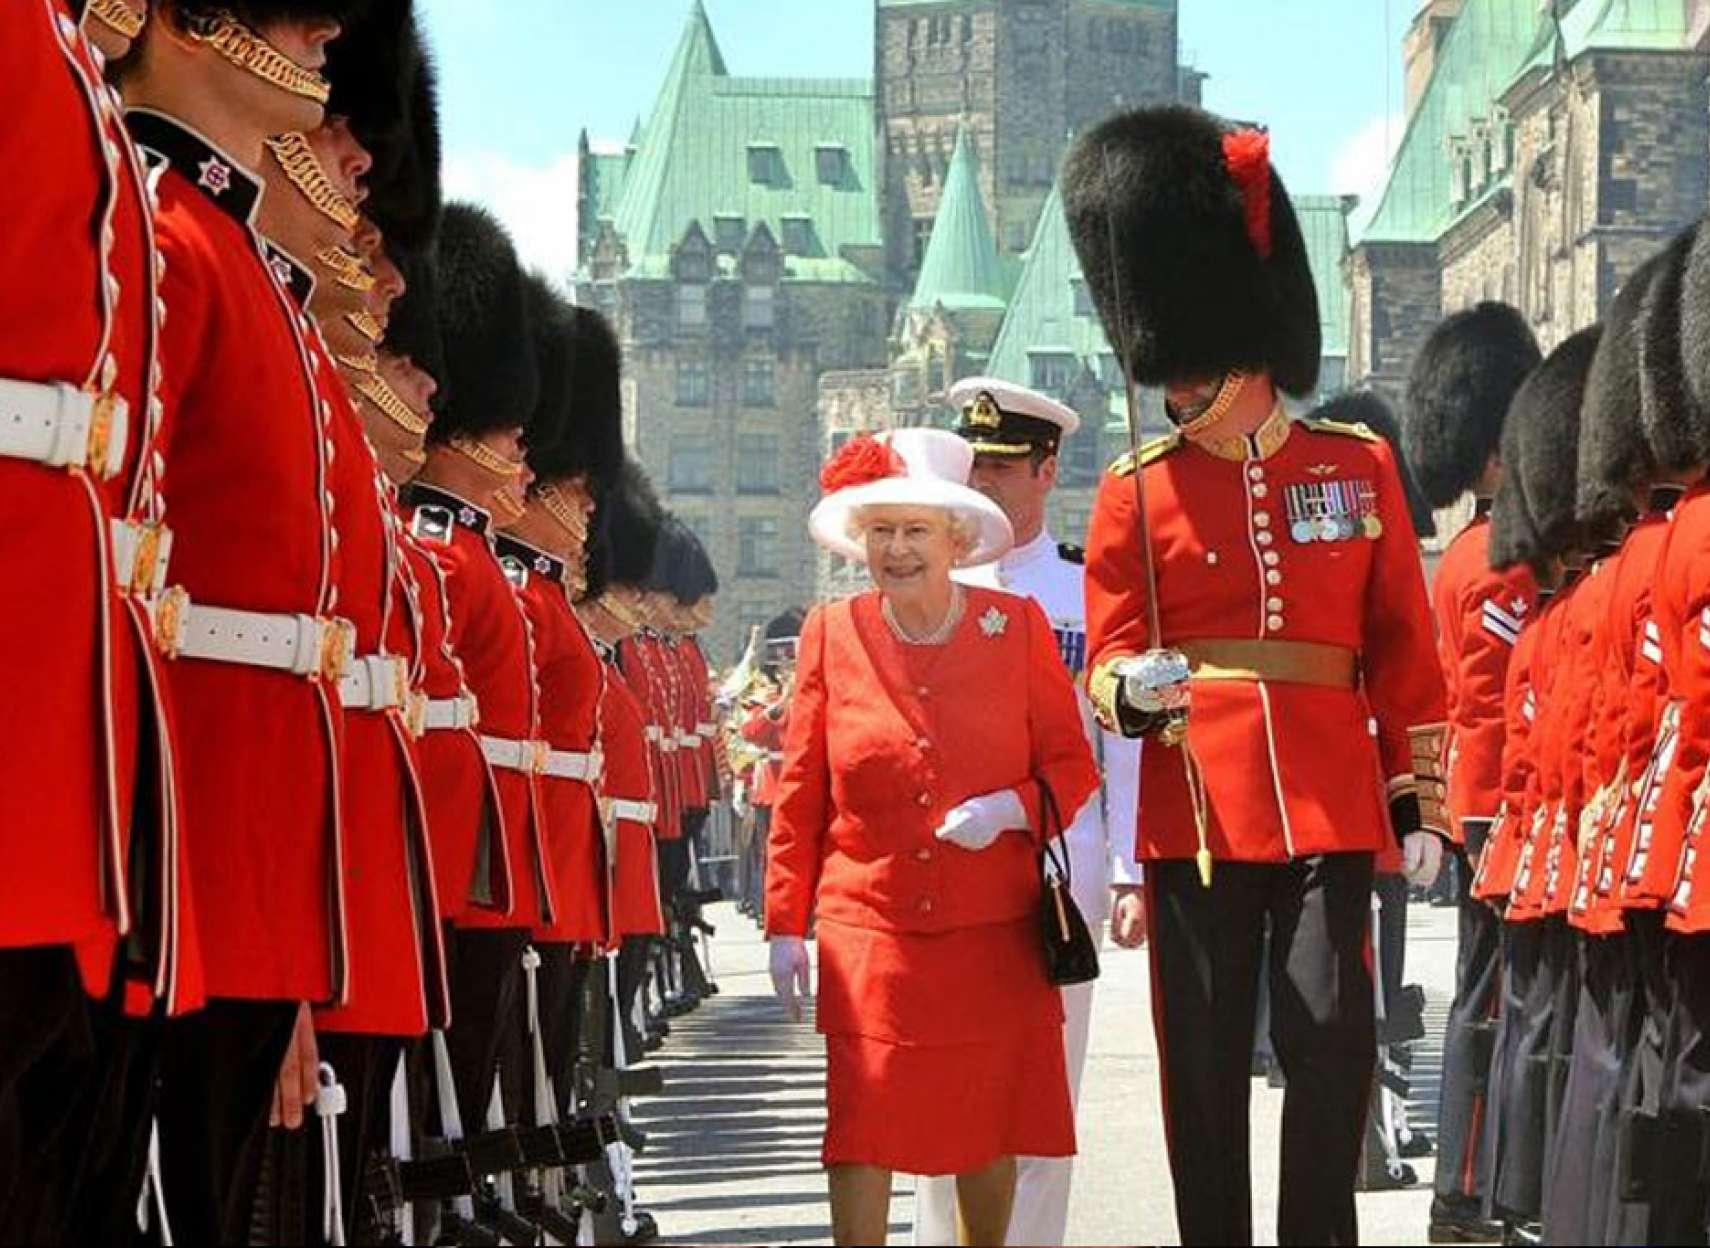 کانادا-آرش-آبادی-حذف-خانواده-سلطنتی-انگلستان-و-سنا-انتخاب-مستقل-نخستوزیر